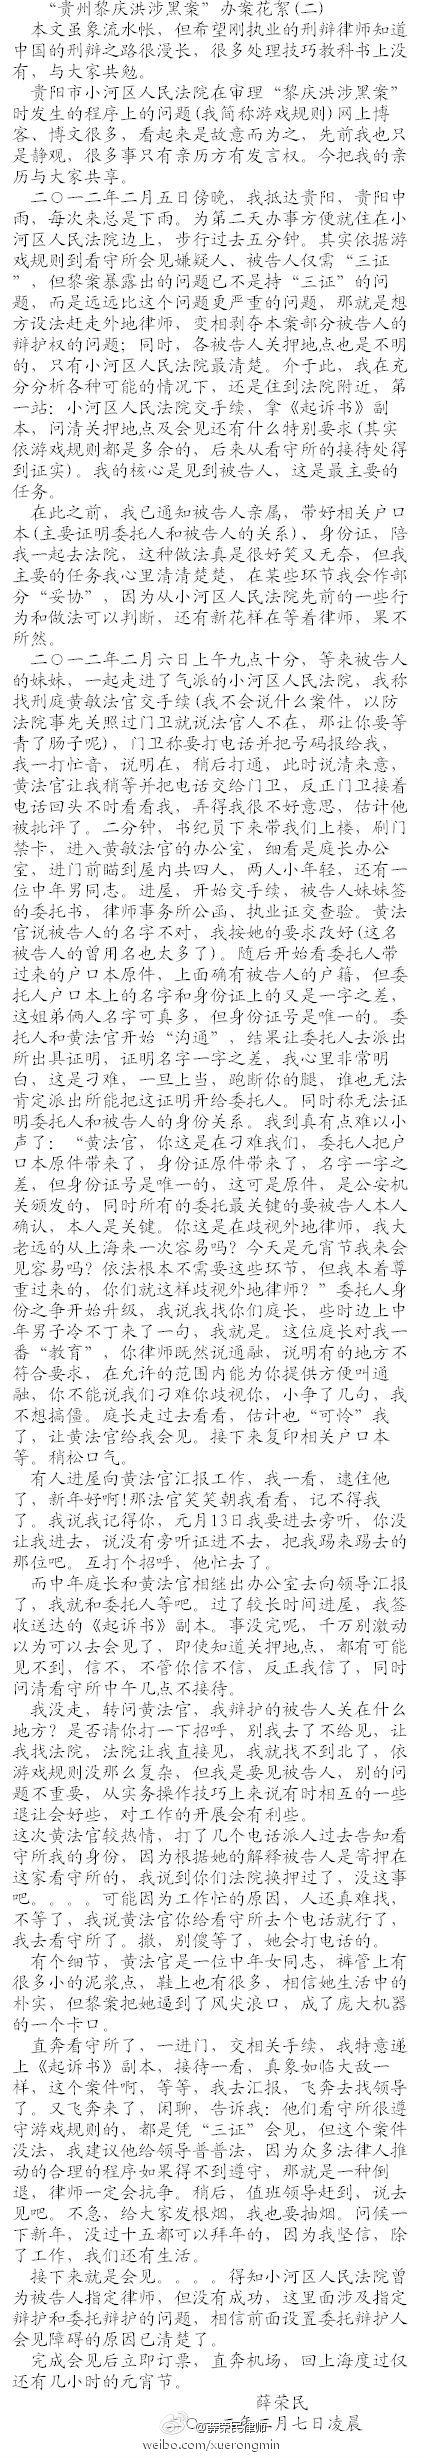 """黎庆洪案被告人对律师的需要与""""不需要"""""""